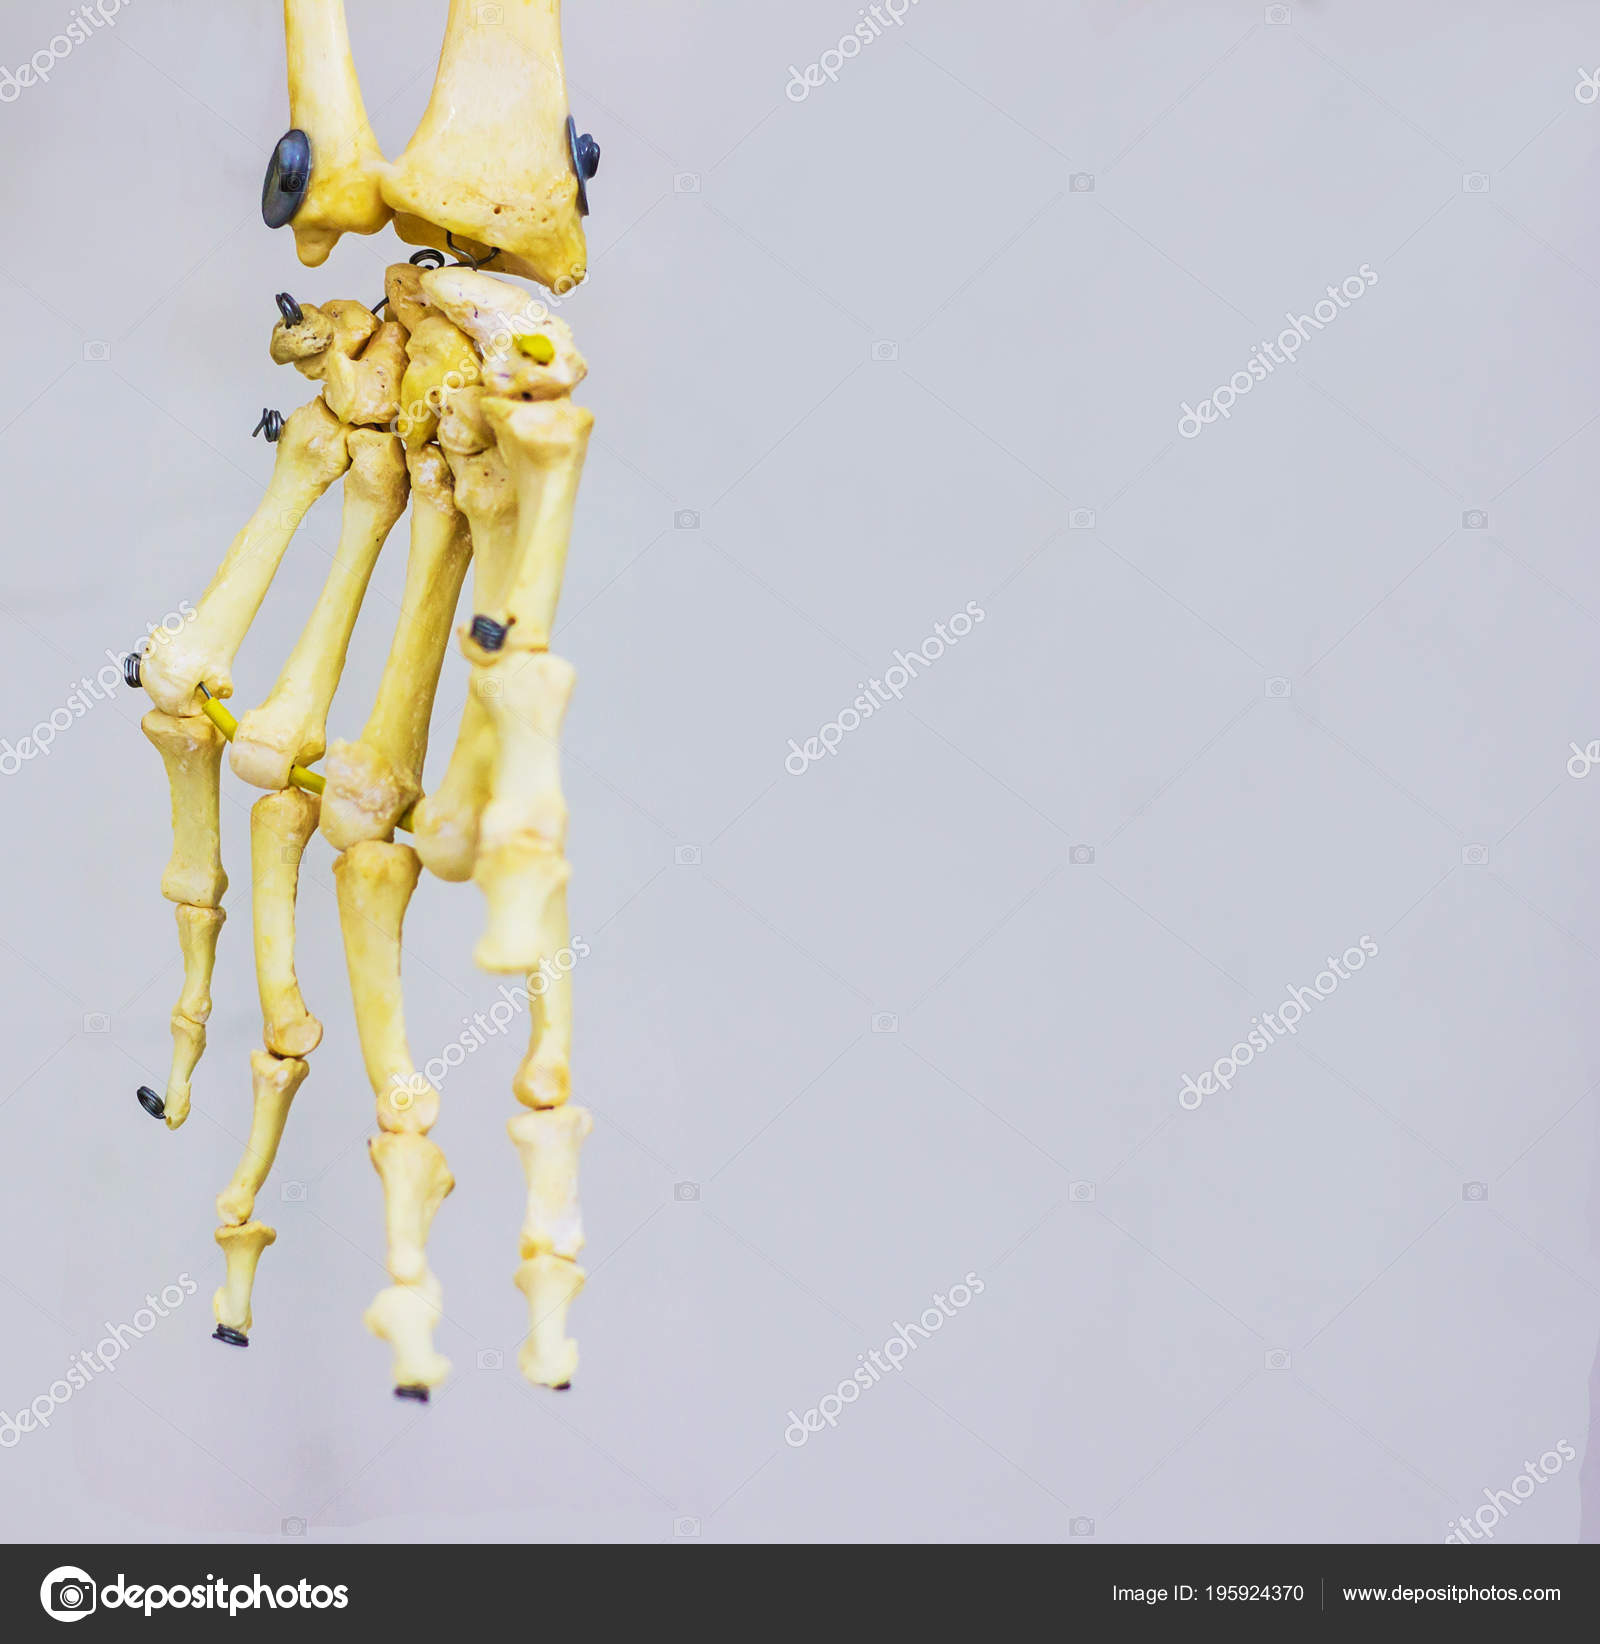 Articulan Los Huesos Del Carpo Mostrando Anatomía Mano Humana Fondo ...